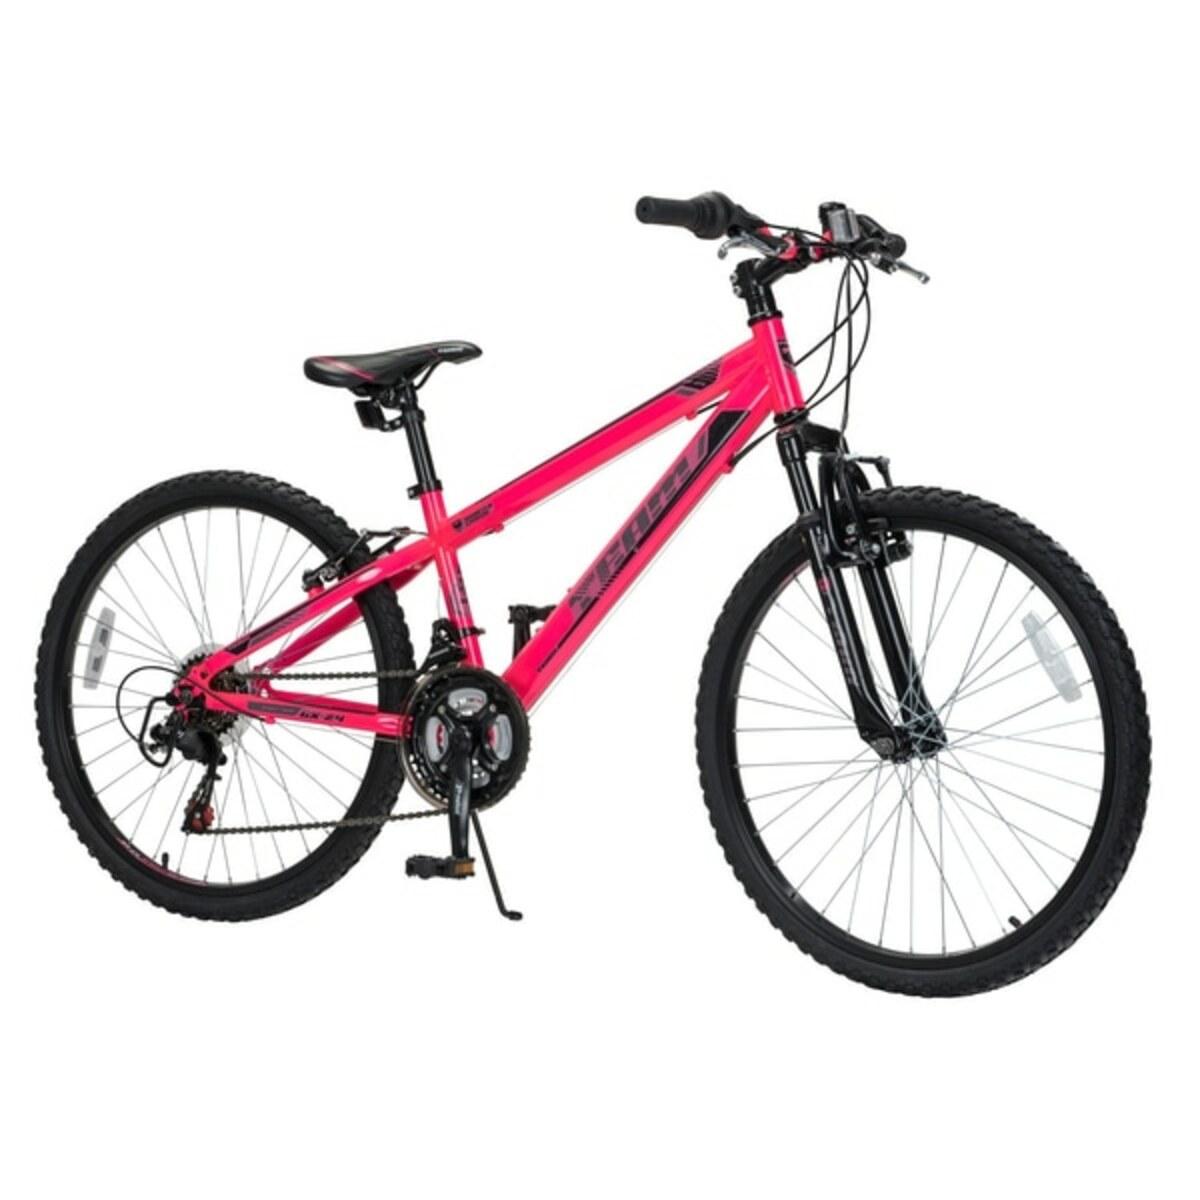 Bild 2 von 26 Zoll Mountainbike Team GX-26, pink